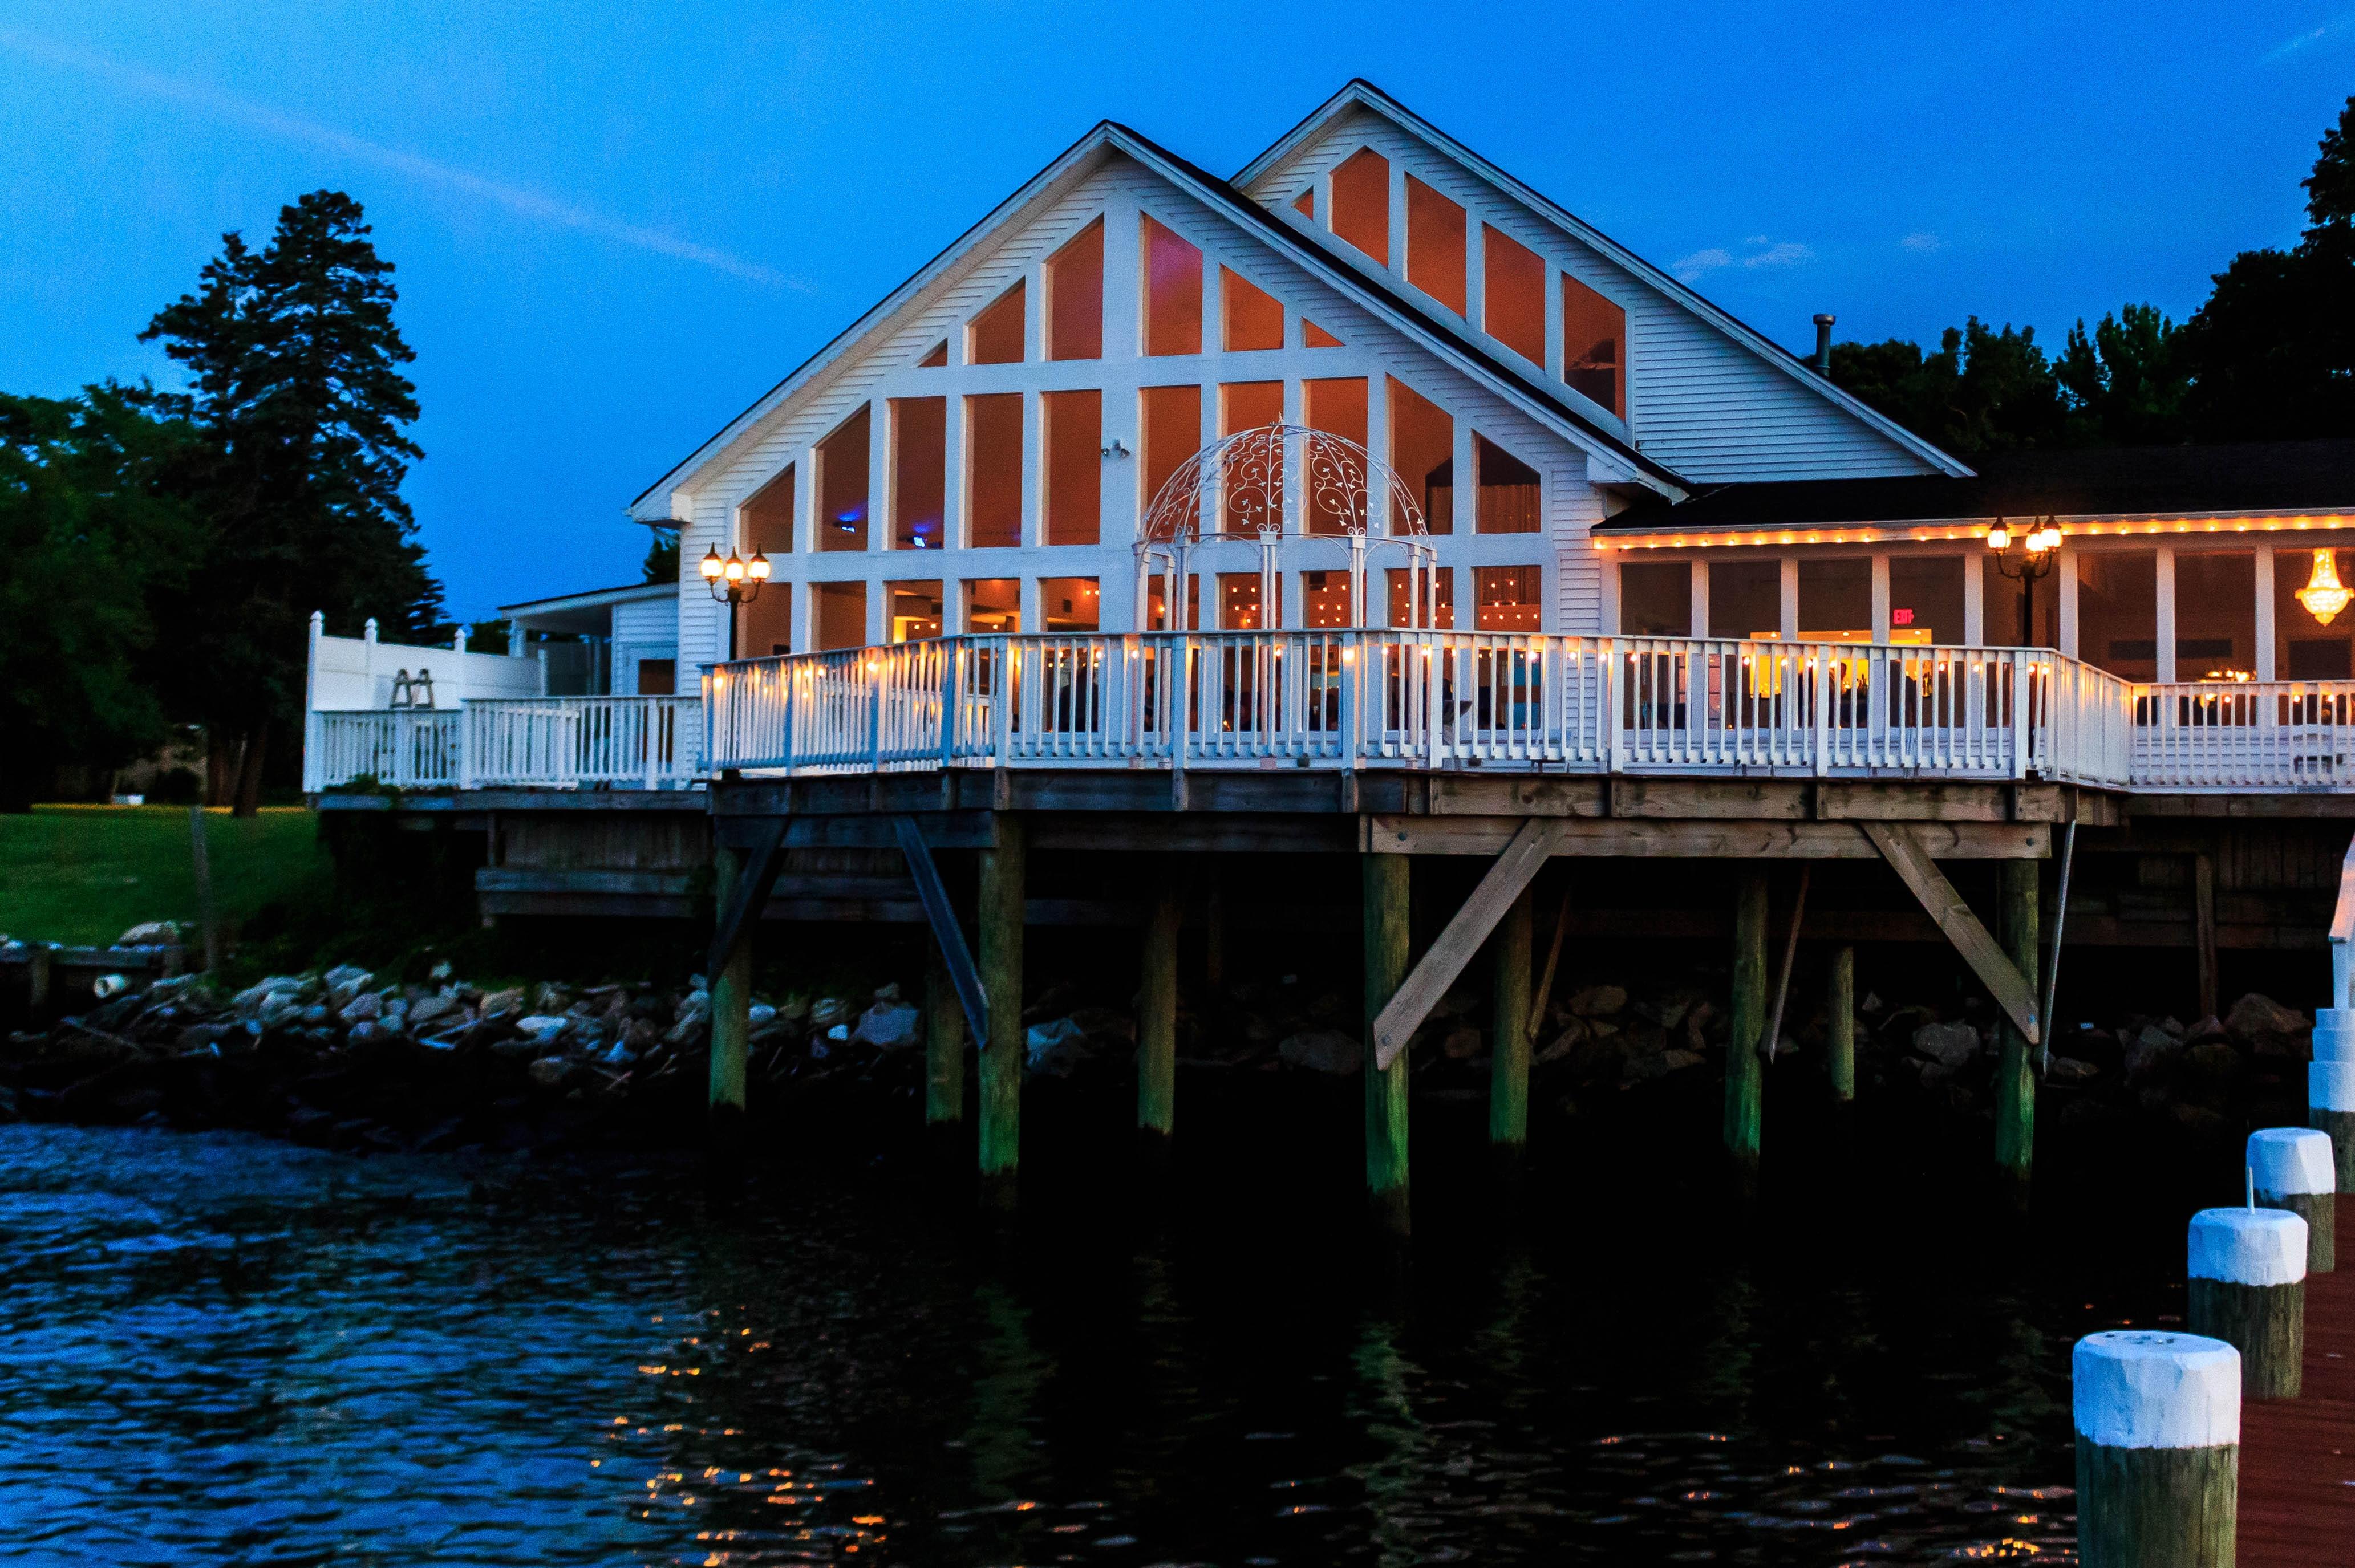 Kostenlose foto : Landschaft, Dock, die Architektur, Haus, Gebäude ...